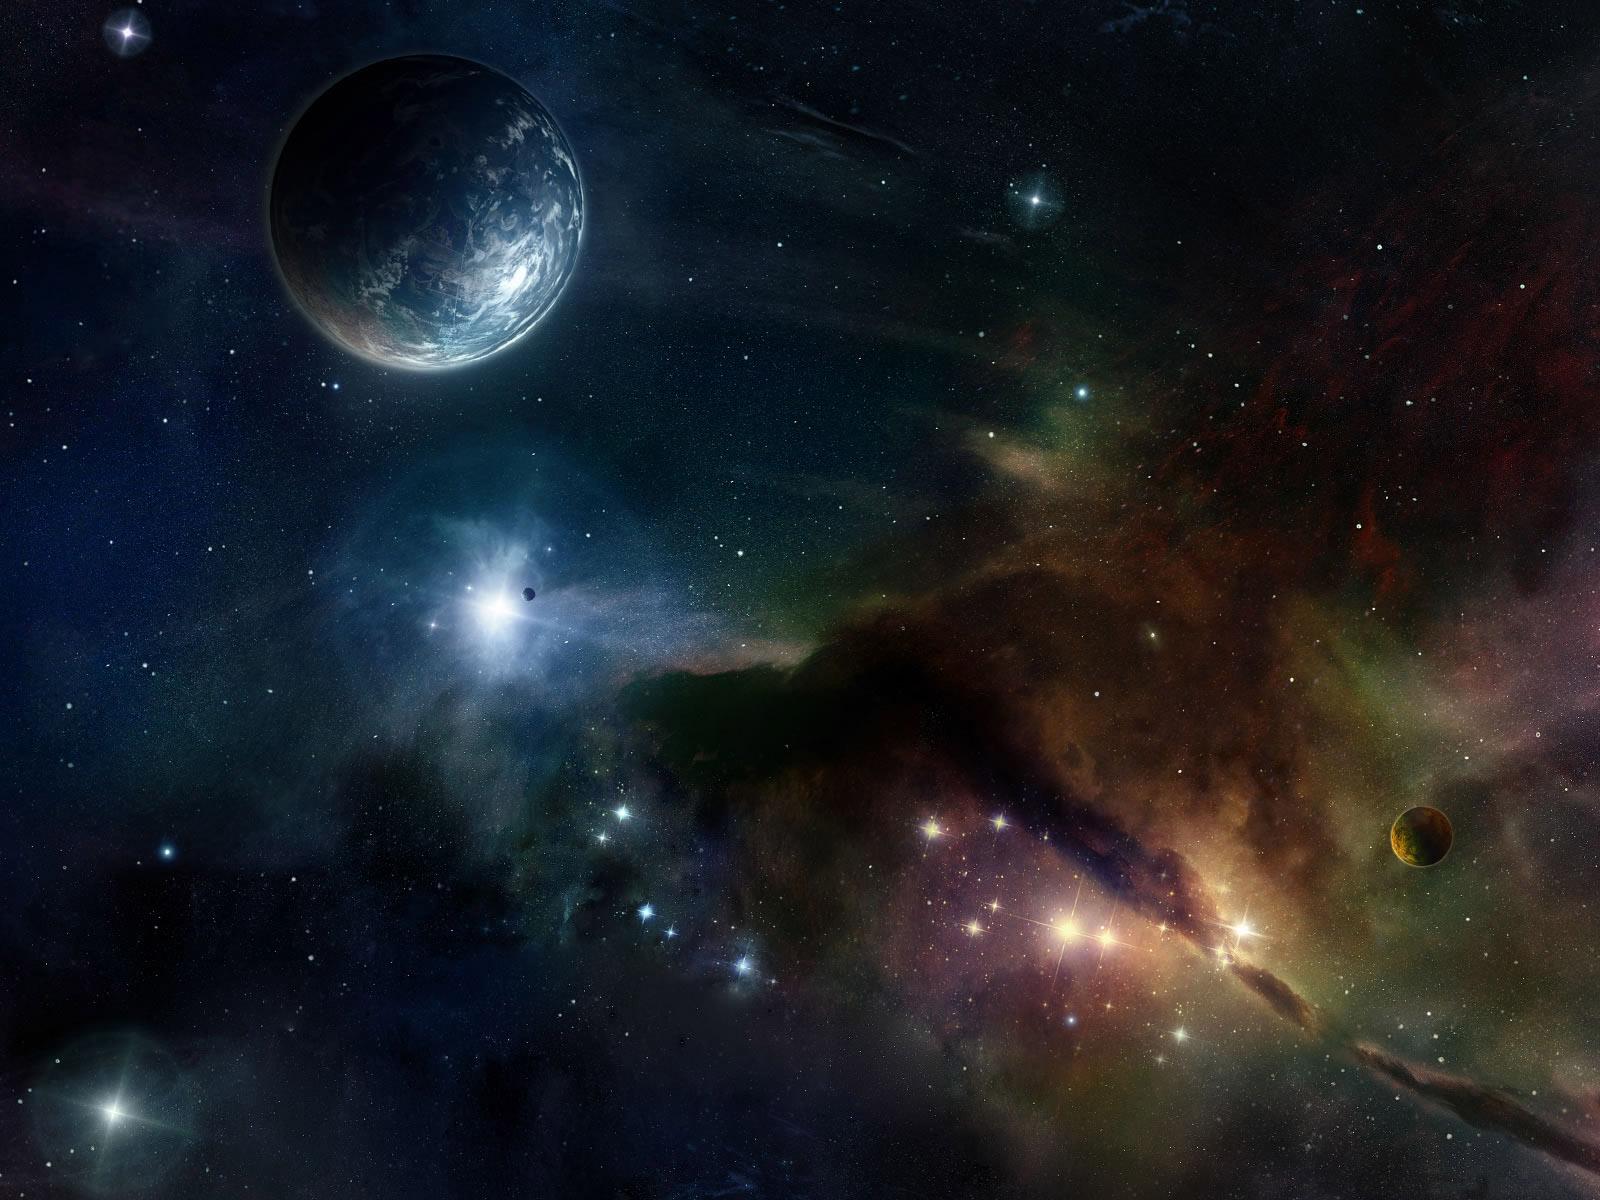 http://4.bp.blogspot.com/-YS7vLj05__k/TdSEbO3gkbI/AAAAAAAAACc/jSfD6rrn-9E/s1600/Space-Art-Wallpapers-01.jpg